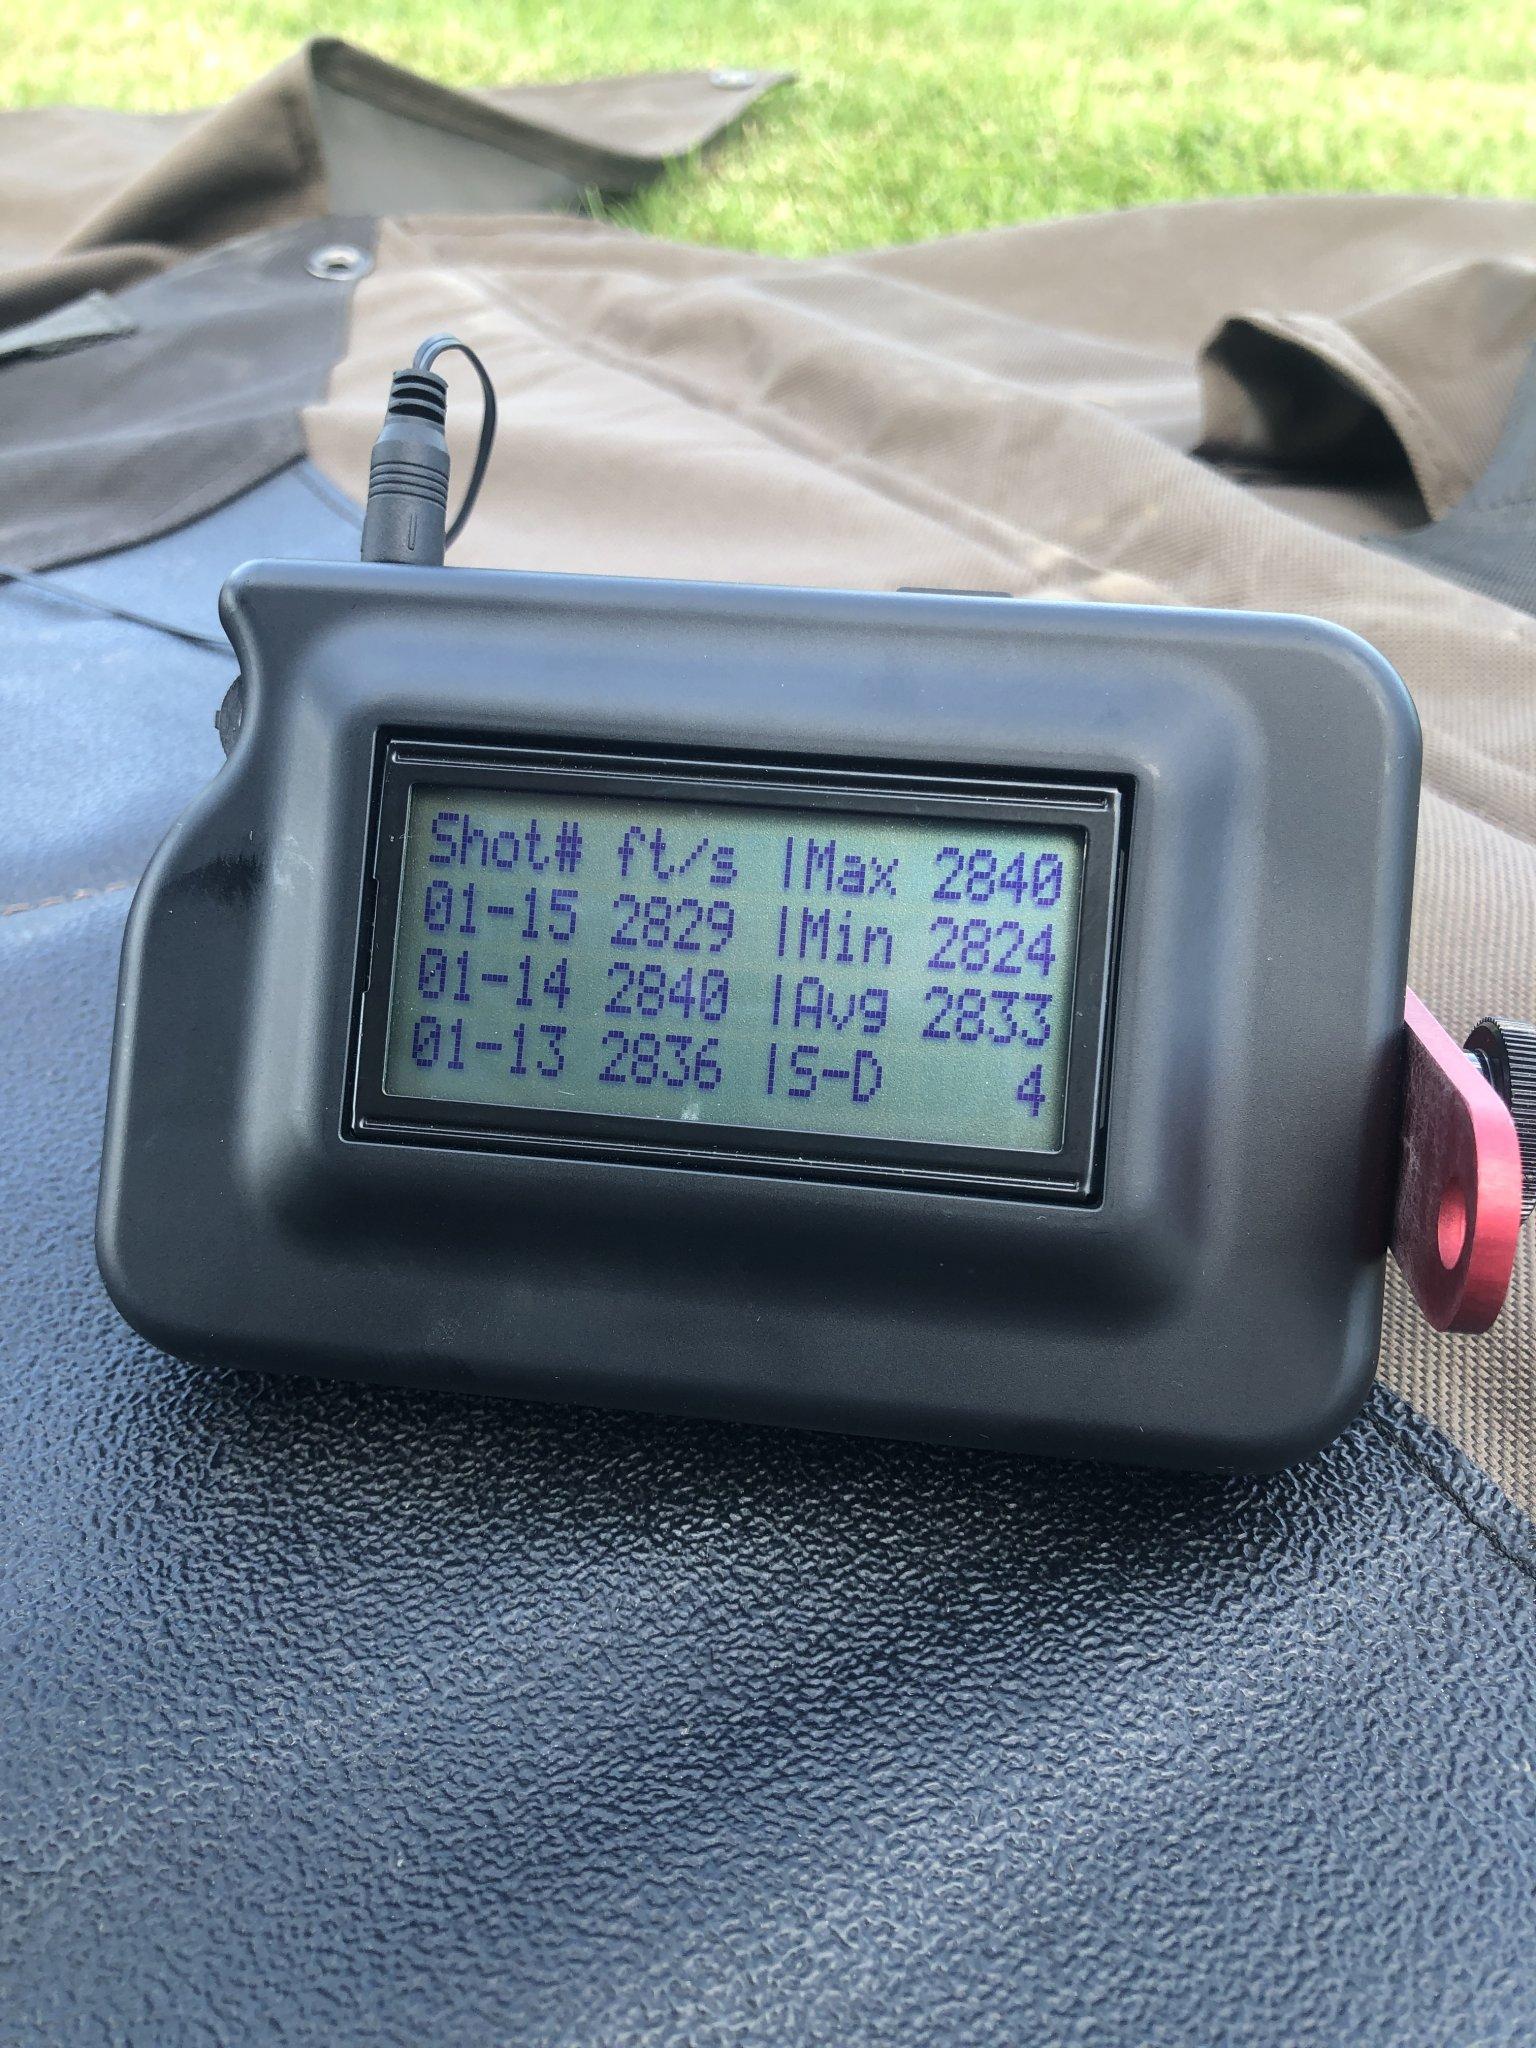 EEB28DB1-E03E-449A-BF4C-53B5DC90323A.jpeg